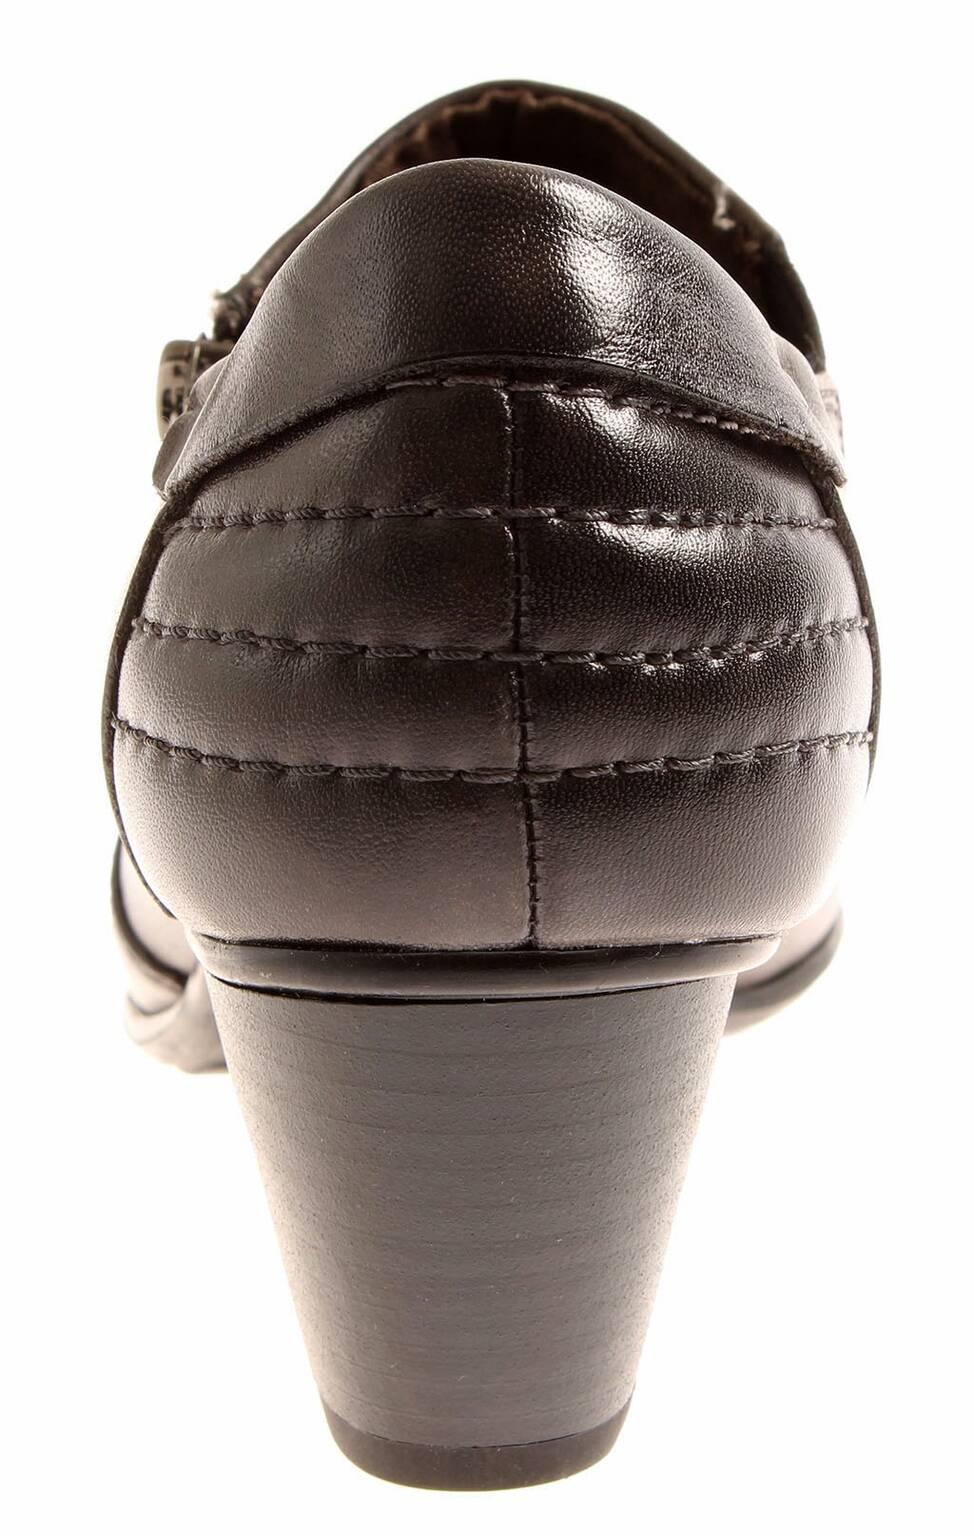 Jana Hochfrontpumps Lederschuhe 8-24441 H Leder Schuhe Damen Business H 8-24441 4cc62e